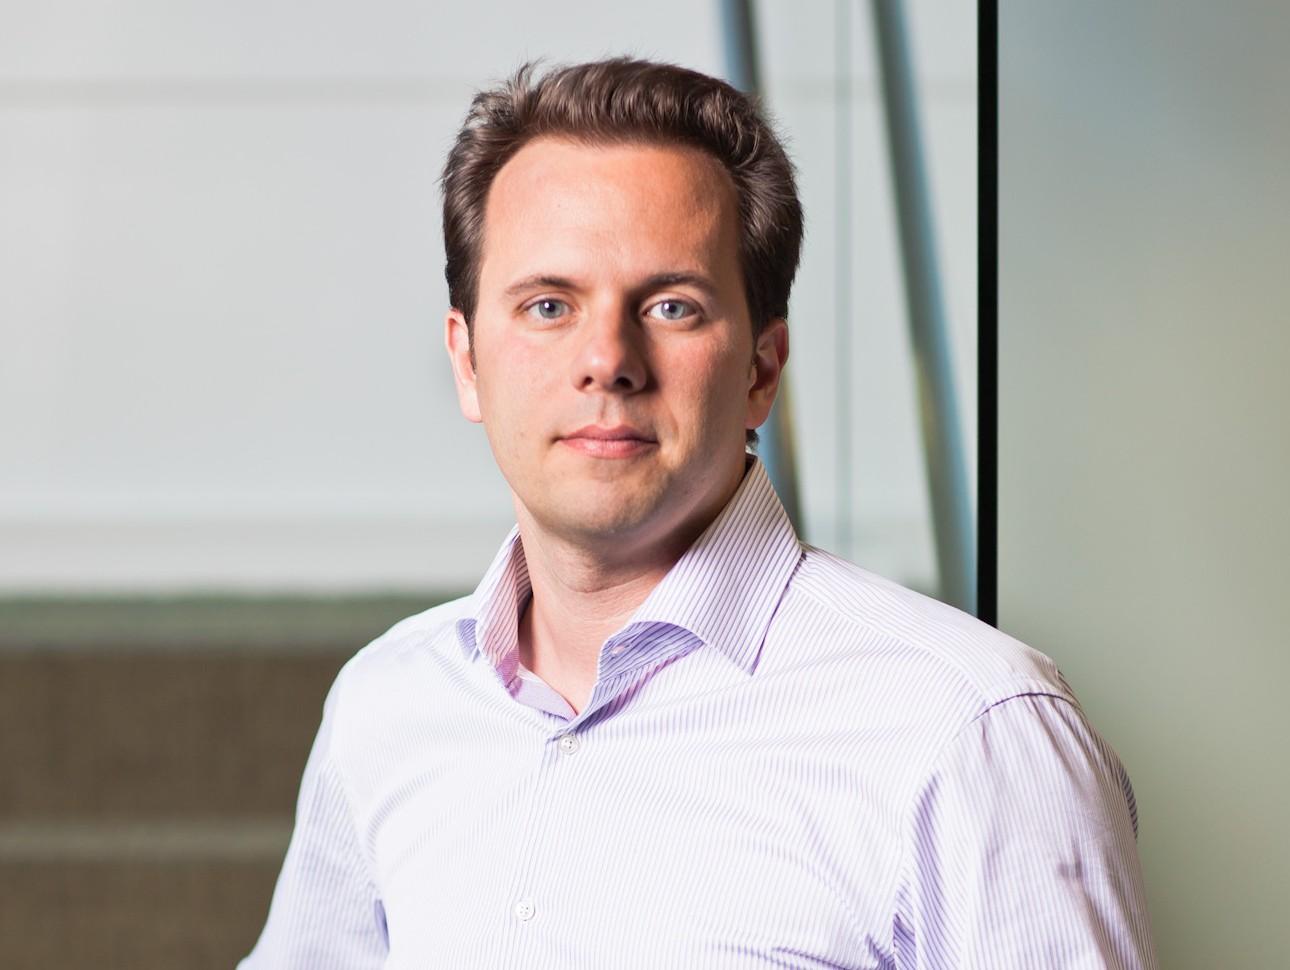 Google Ventures partner Karim Faris